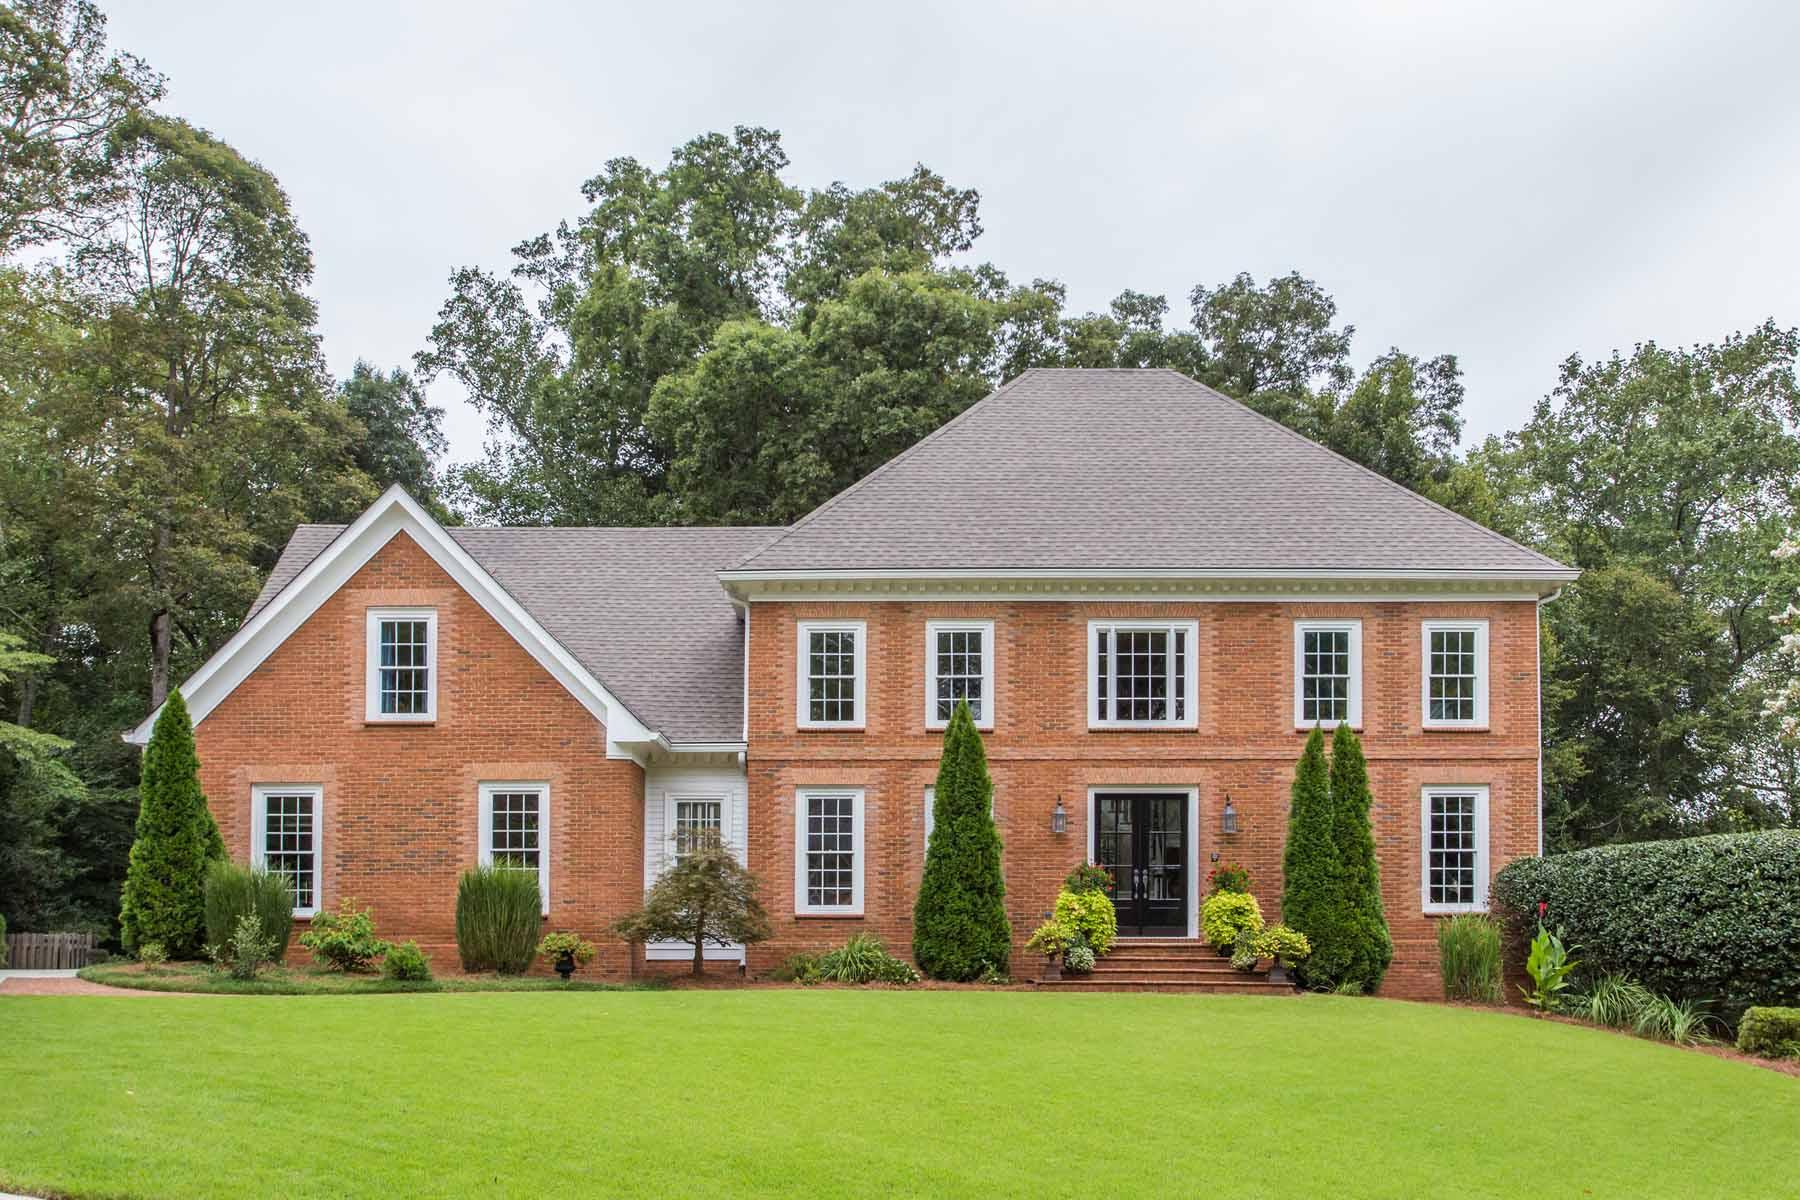 独户住宅 为 销售 在 Stunning and Spacious 430 Glenmont Court Sandy Springs, 乔治亚州 30350 美国